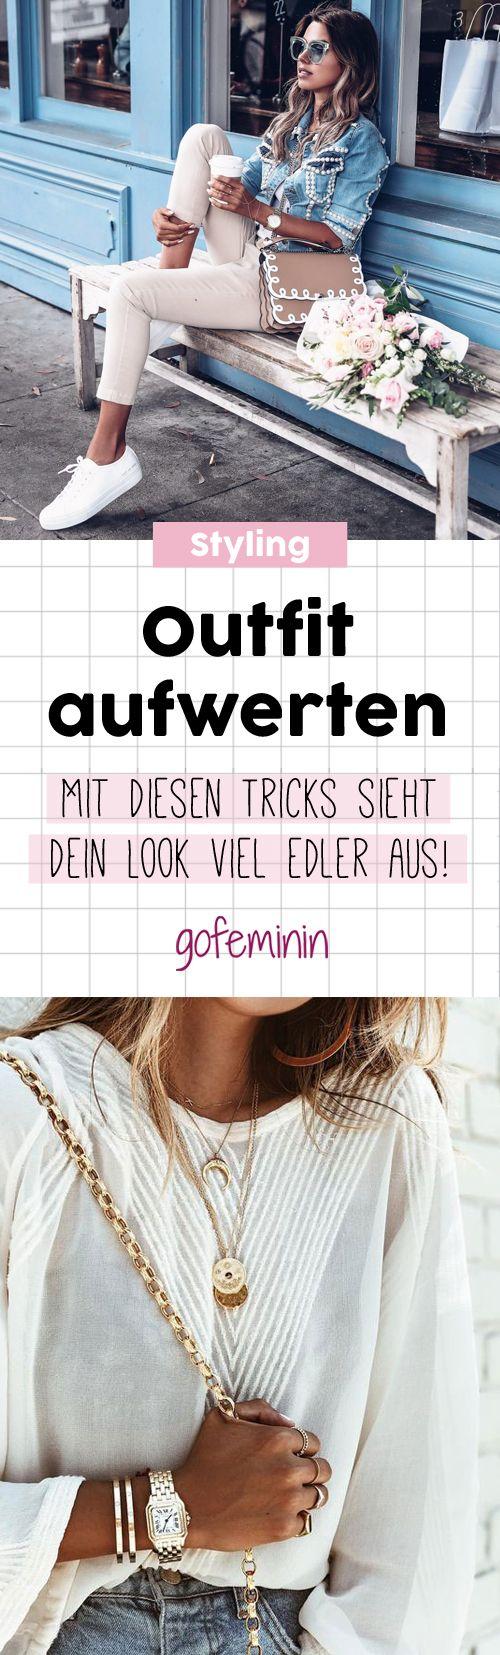 Kleine Styling-Tricks mit großer Wirkung: So könnt ihr schlichte Outfits schnell & günstig aufwerten – gofeminin.de